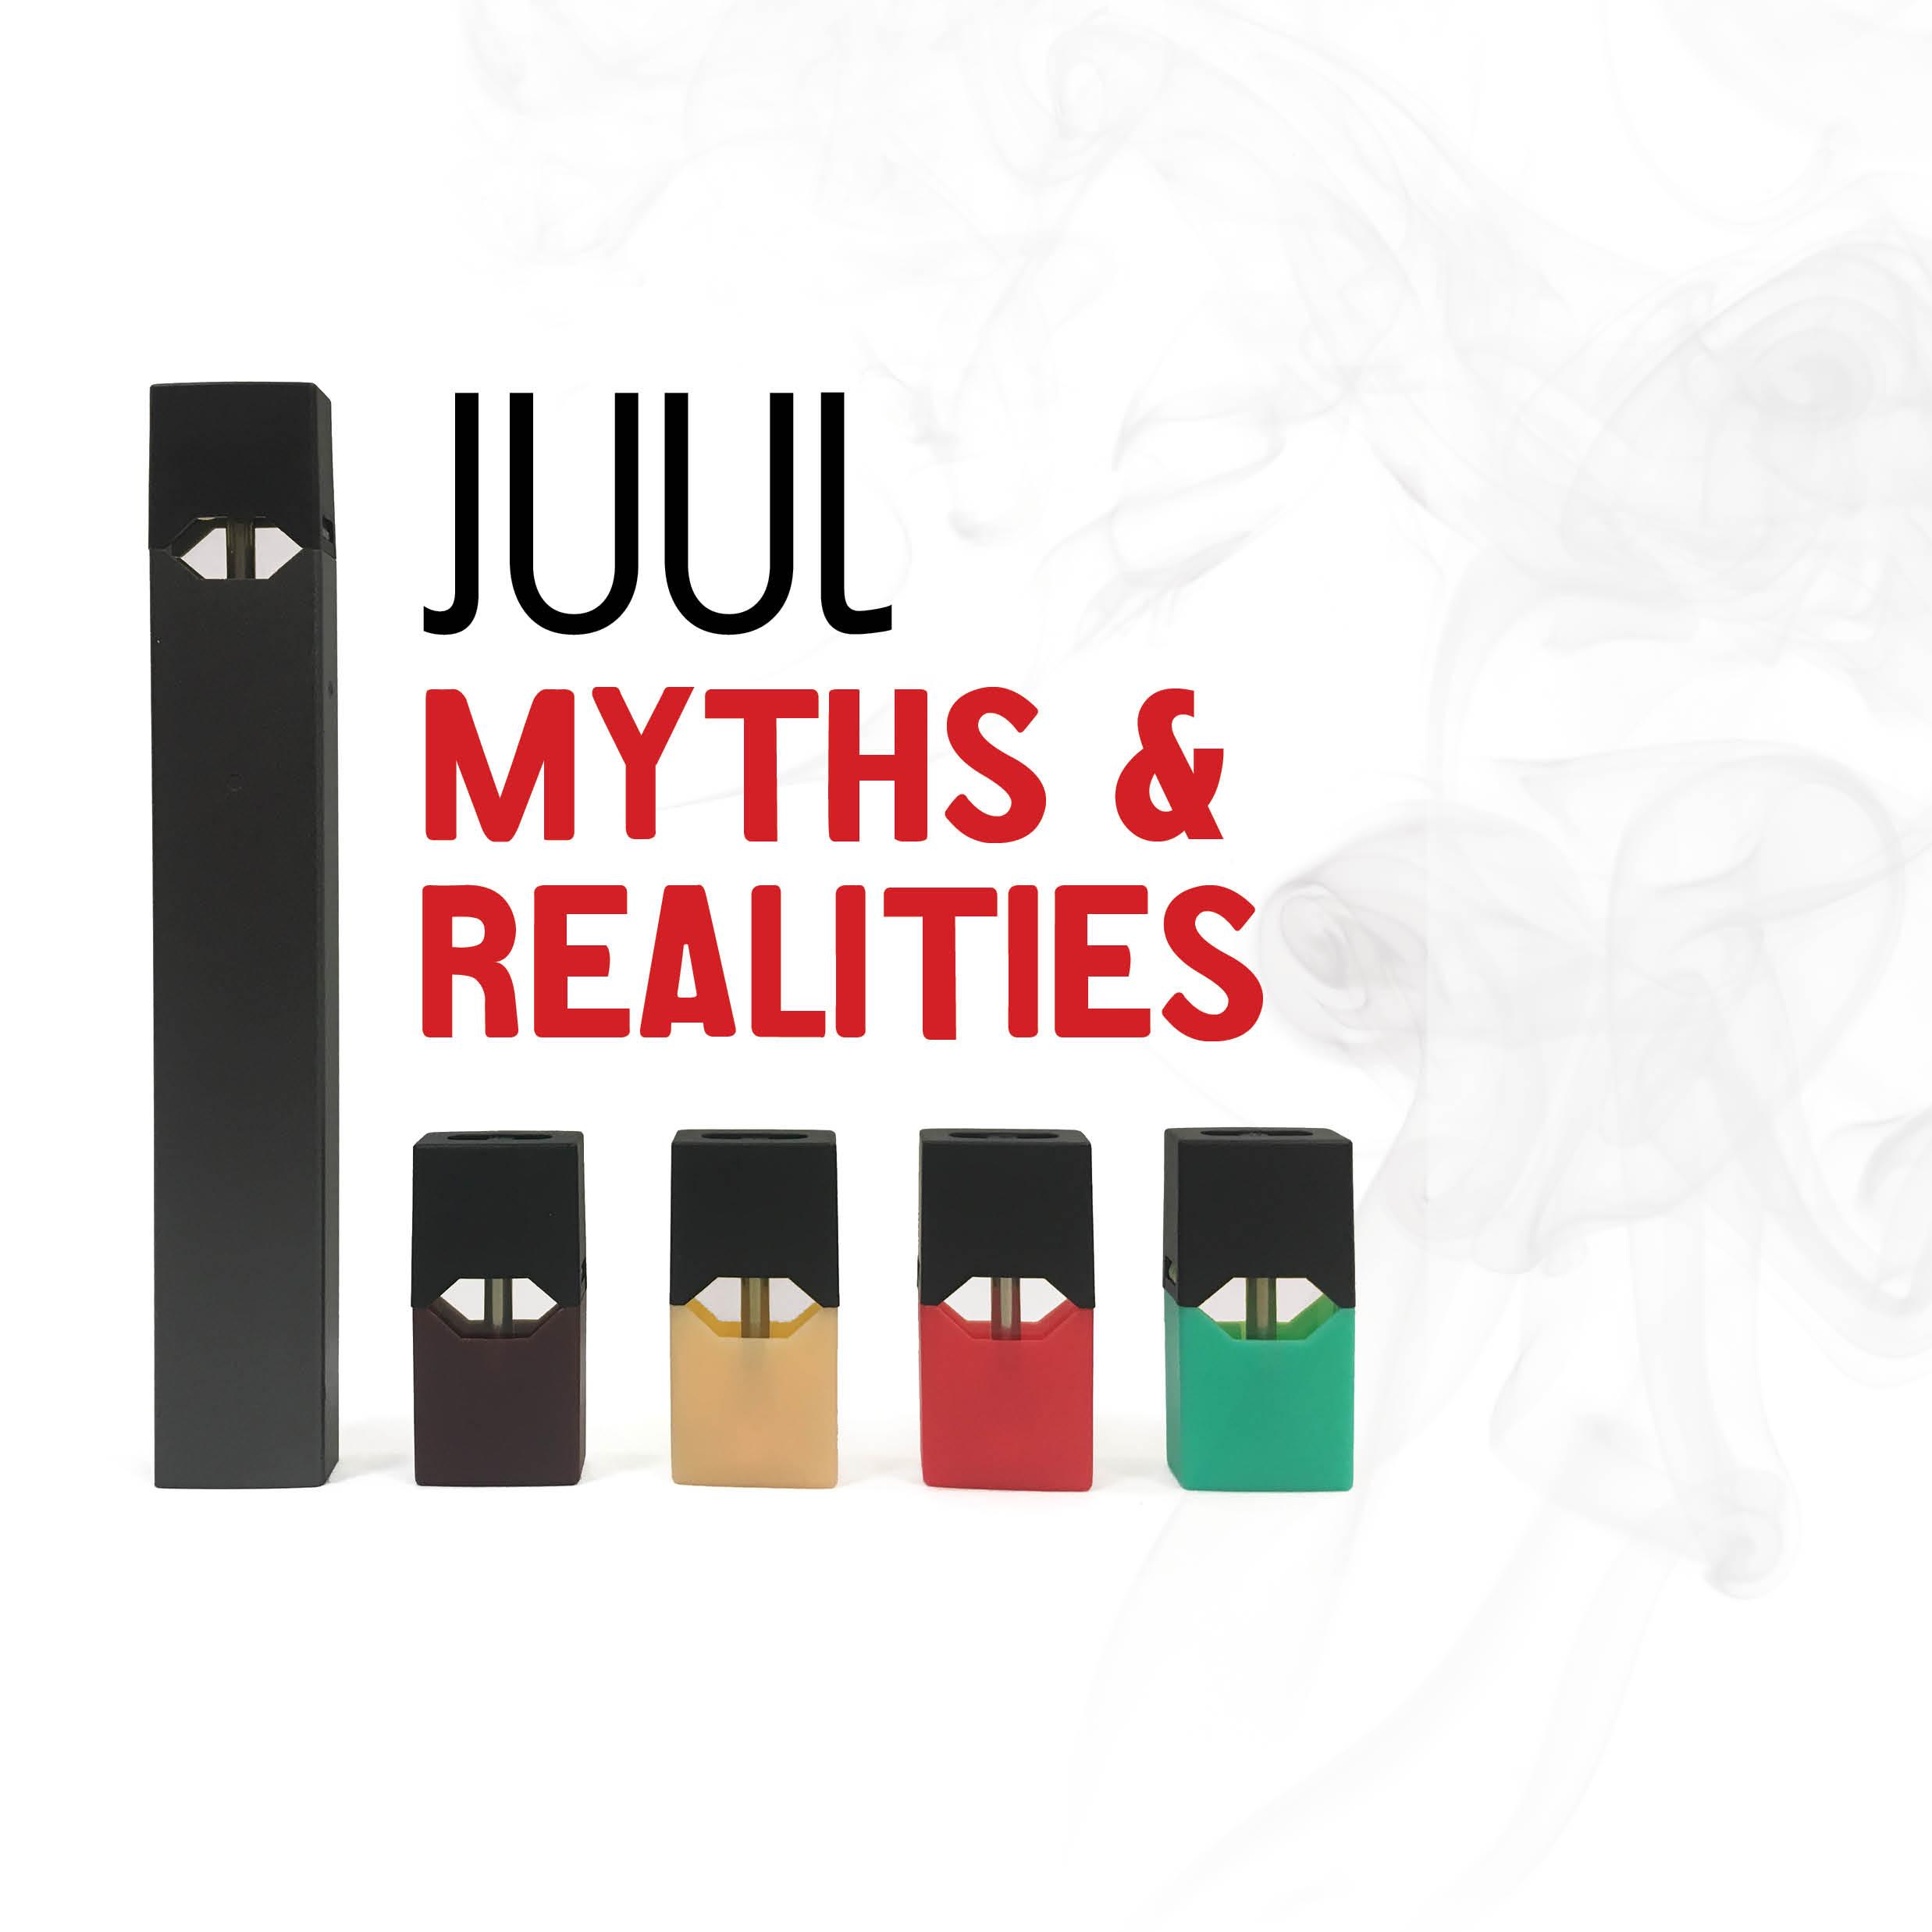 JUUL3.jpg